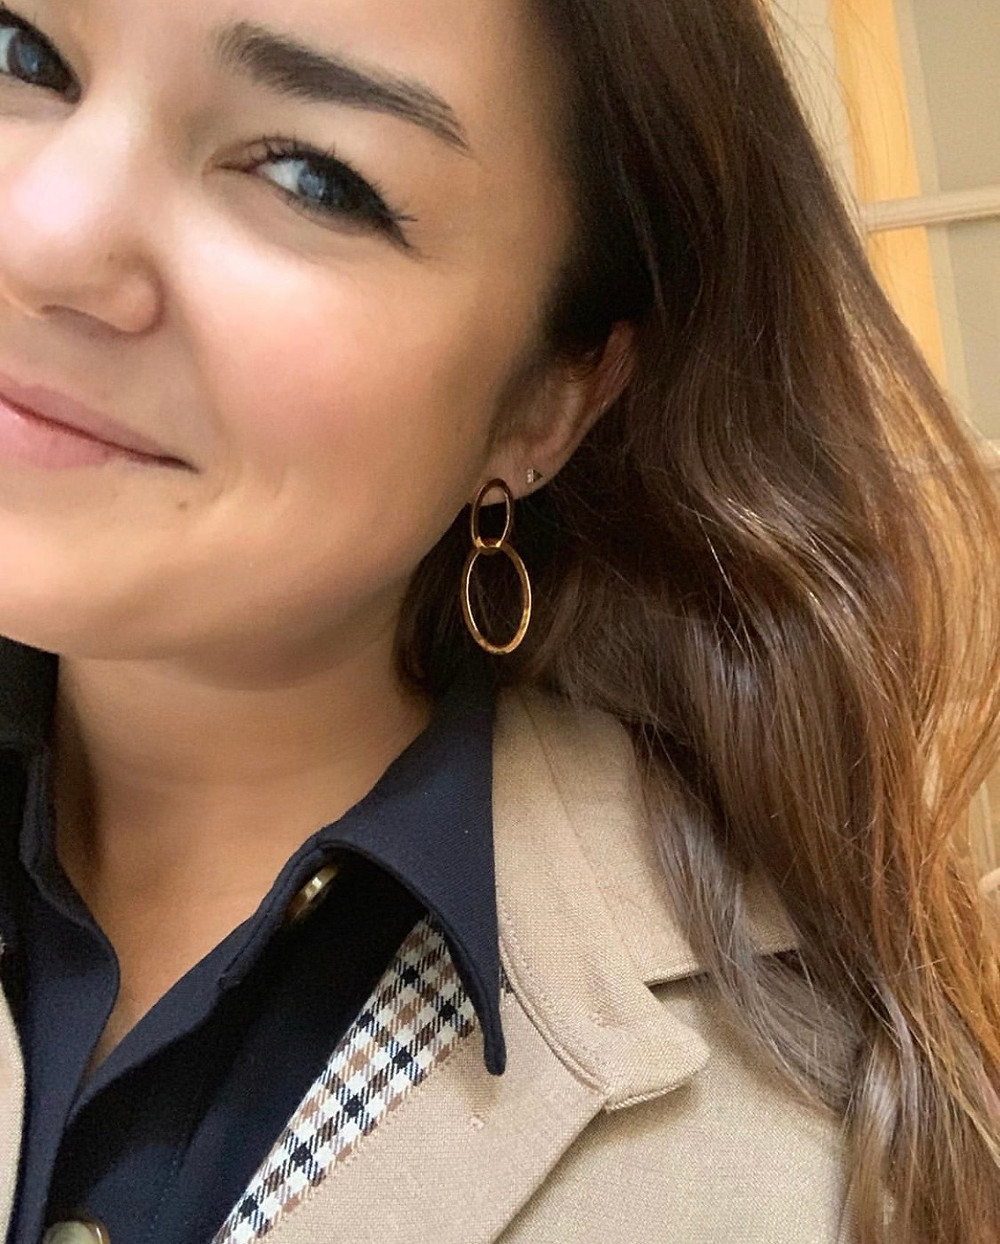 Des BO qui illuminent le visage, l'accessoire fétiche de Jessica Troisfontaine